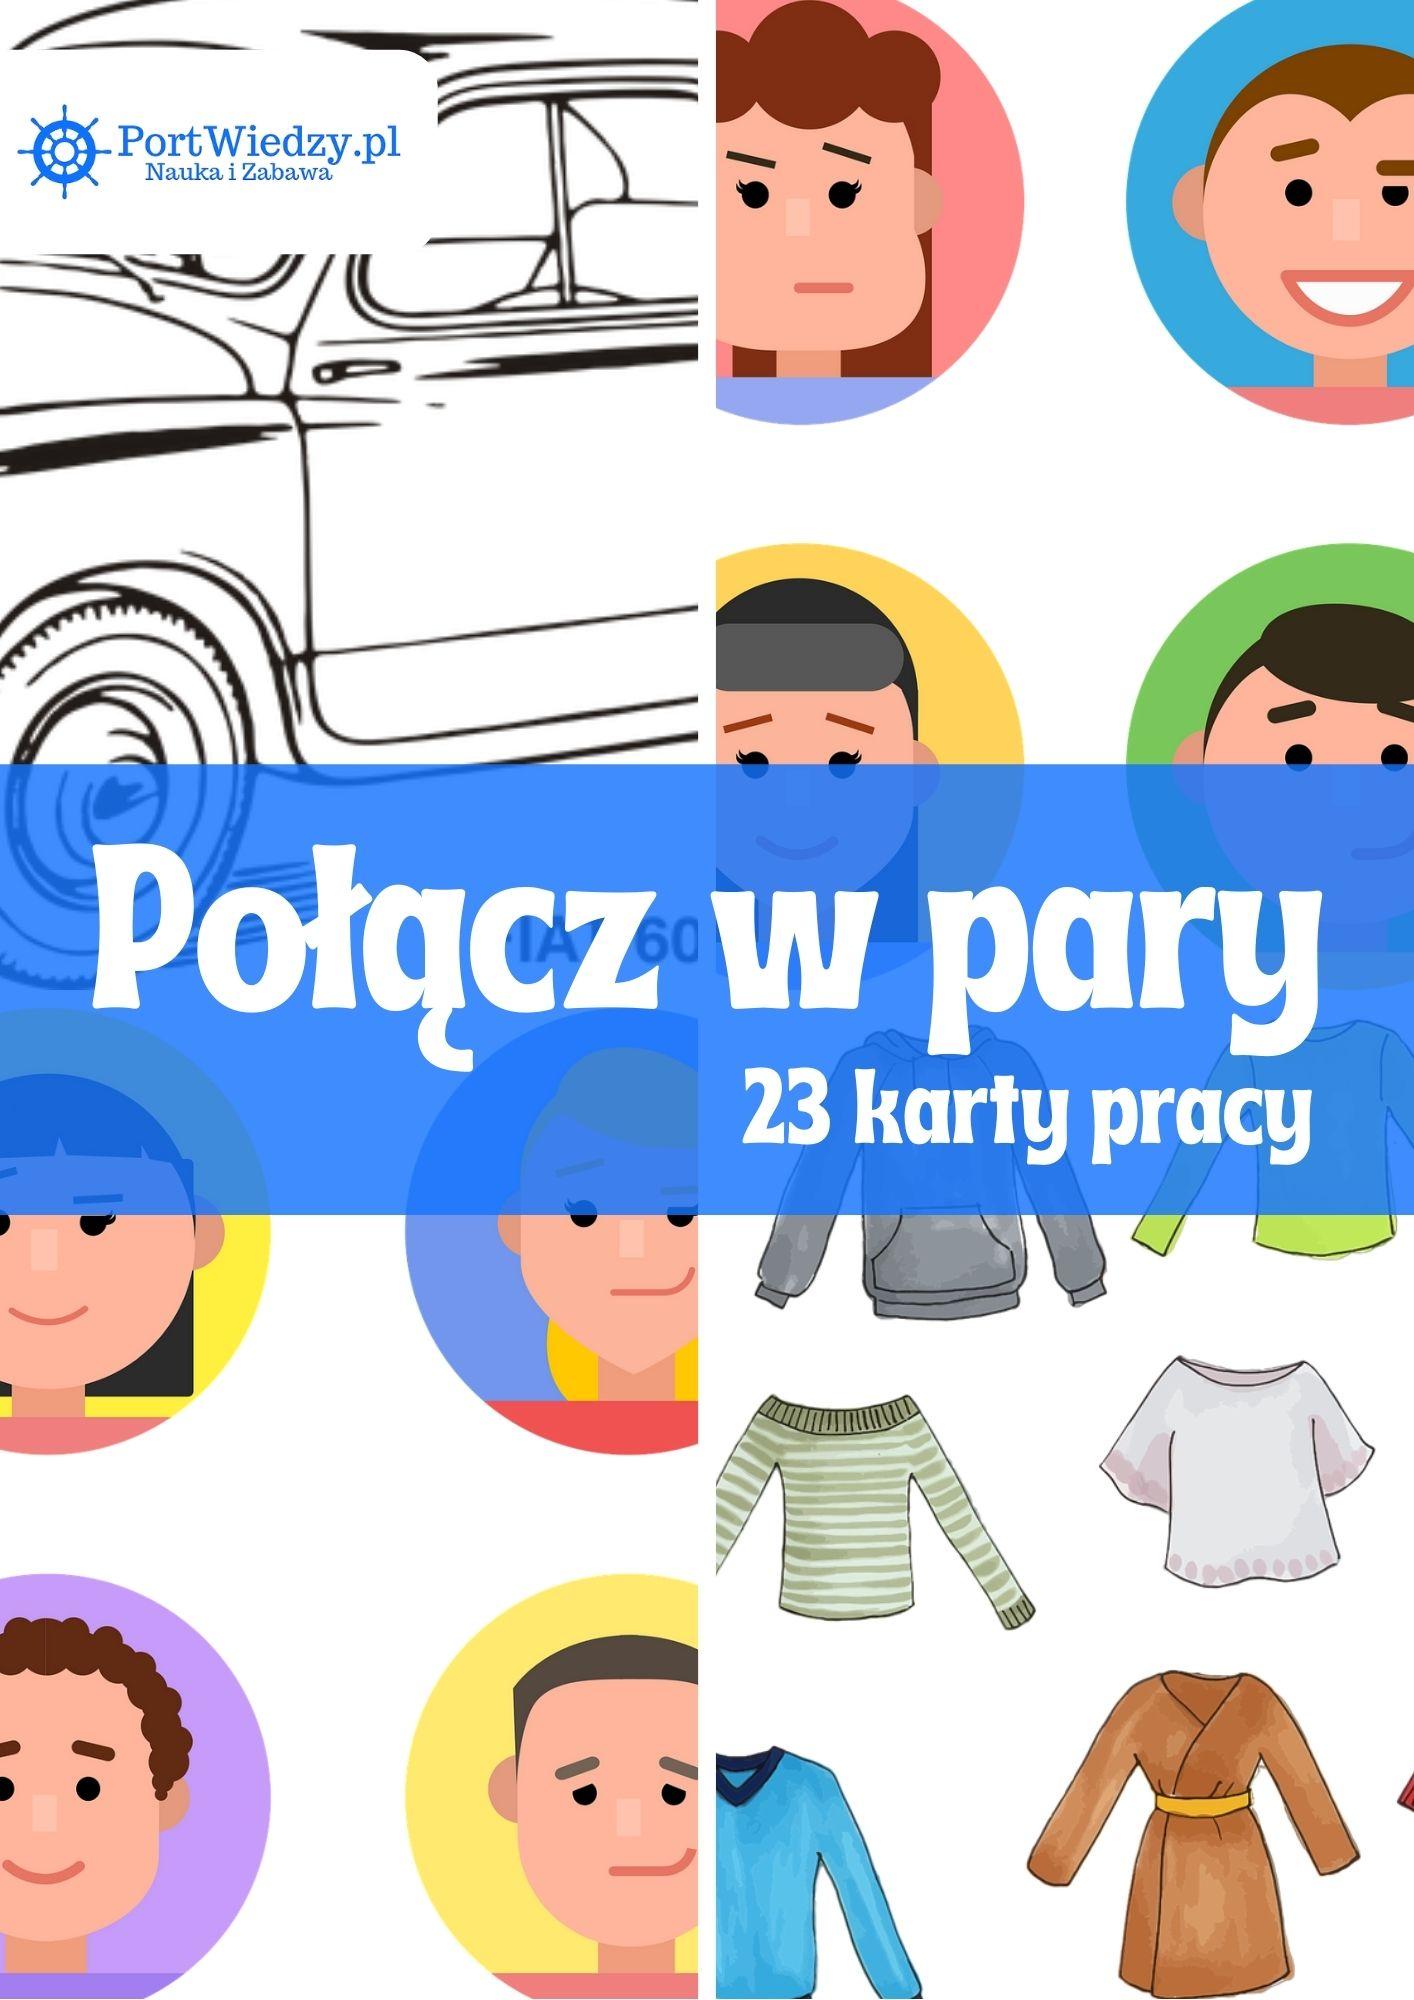 polacz w pary - polacz_w_pary